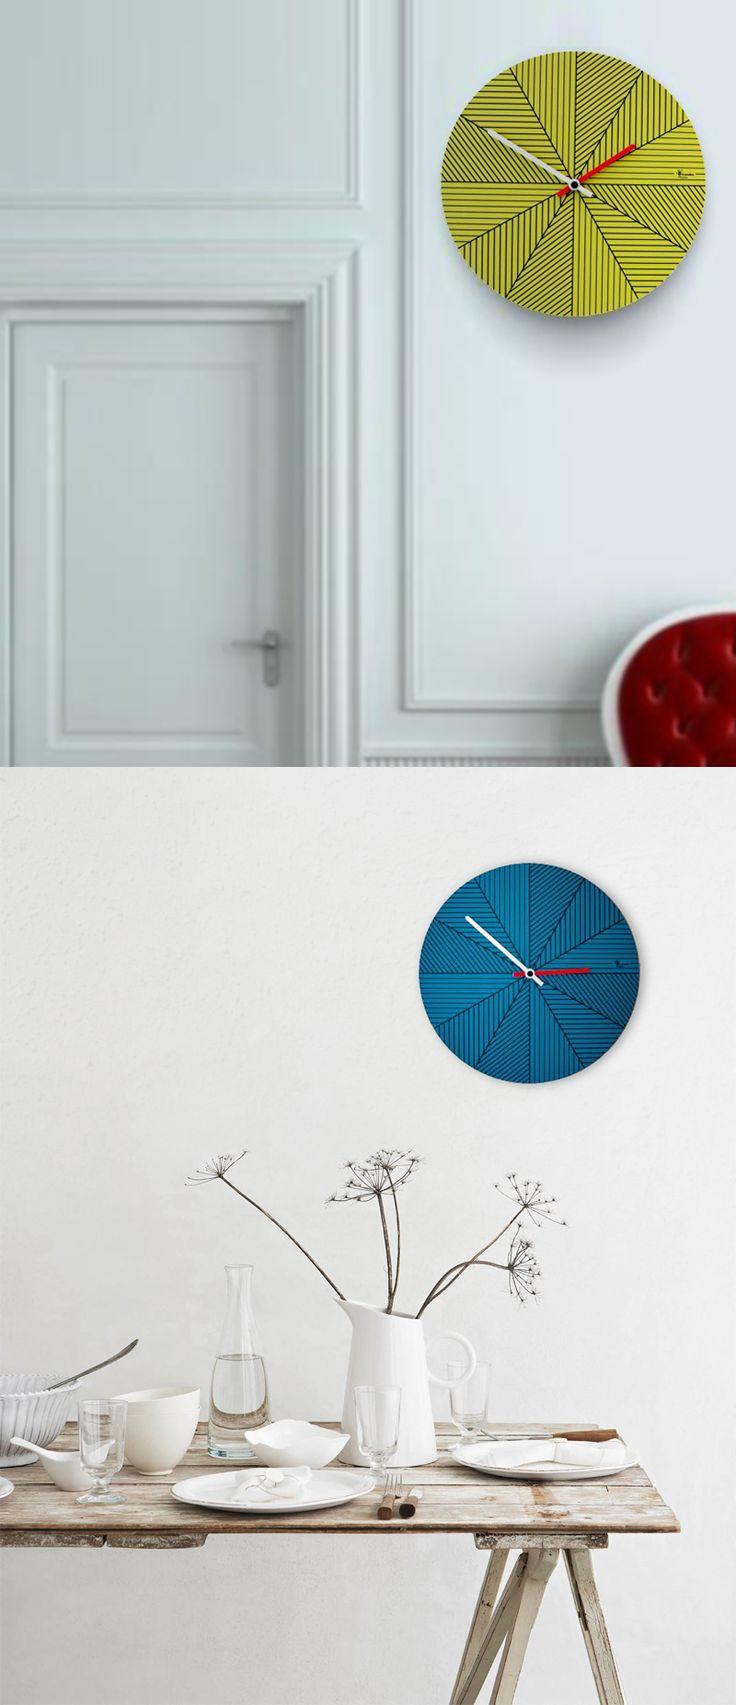 CRONOFilla, Product Design ─ Giulio Patrizi Design Agency ©   #product #design